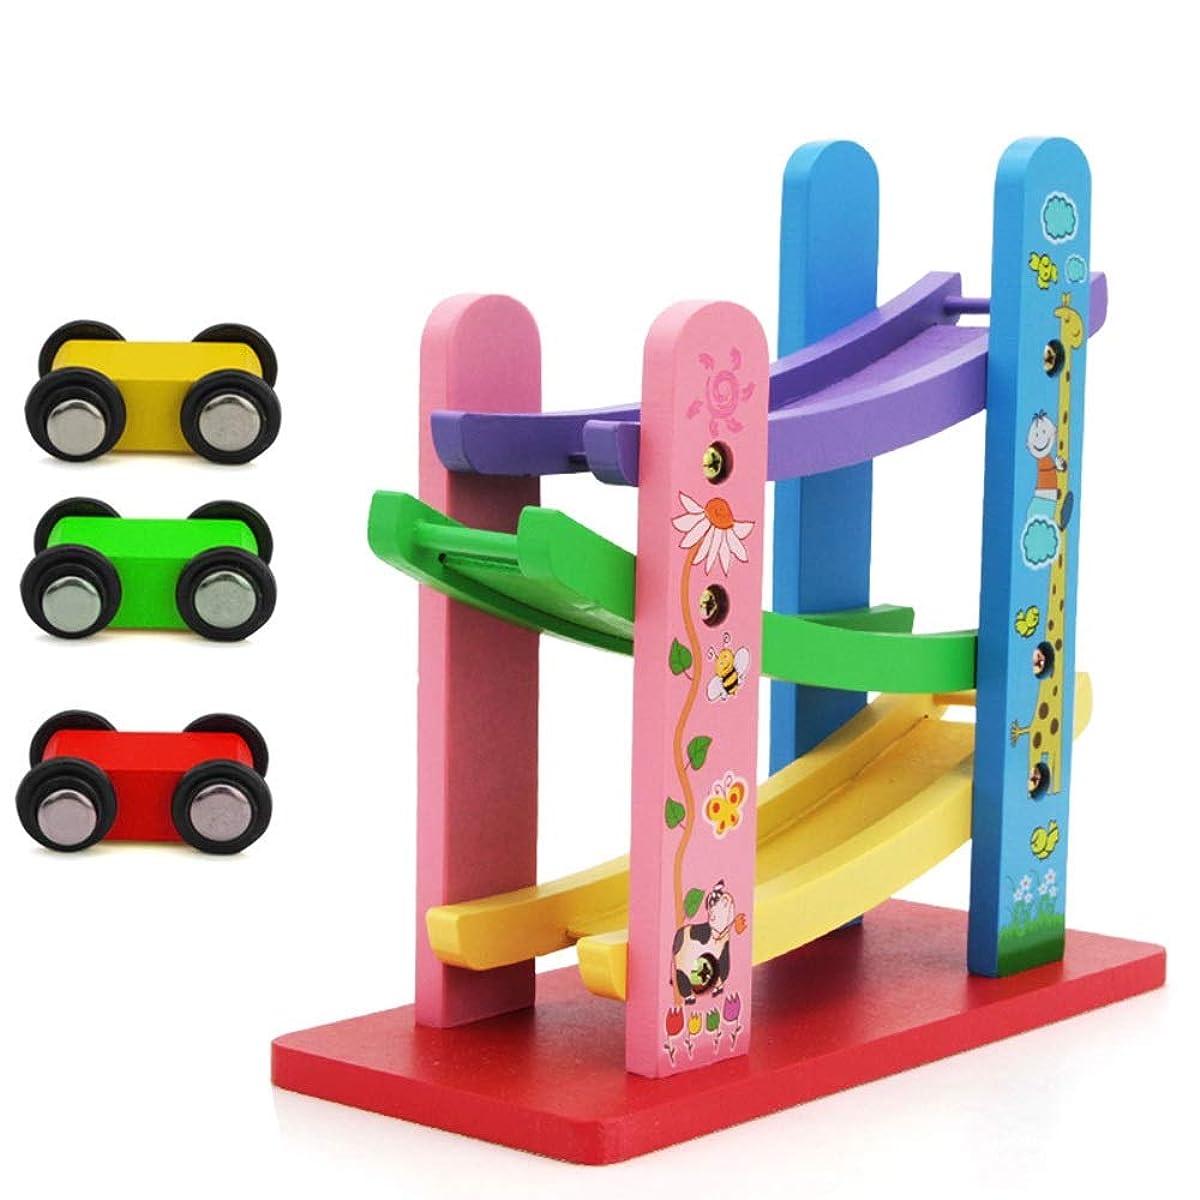 労働しっとり送信するXyanzi 子どもおもちゃ 木製のレーストラック車、3ミニ車でカーランプレーサーランプレーサーゲームカラフルなウッドレーストラックランプ幼児のおもちゃ1 2歳男の子と女の子の贈り物